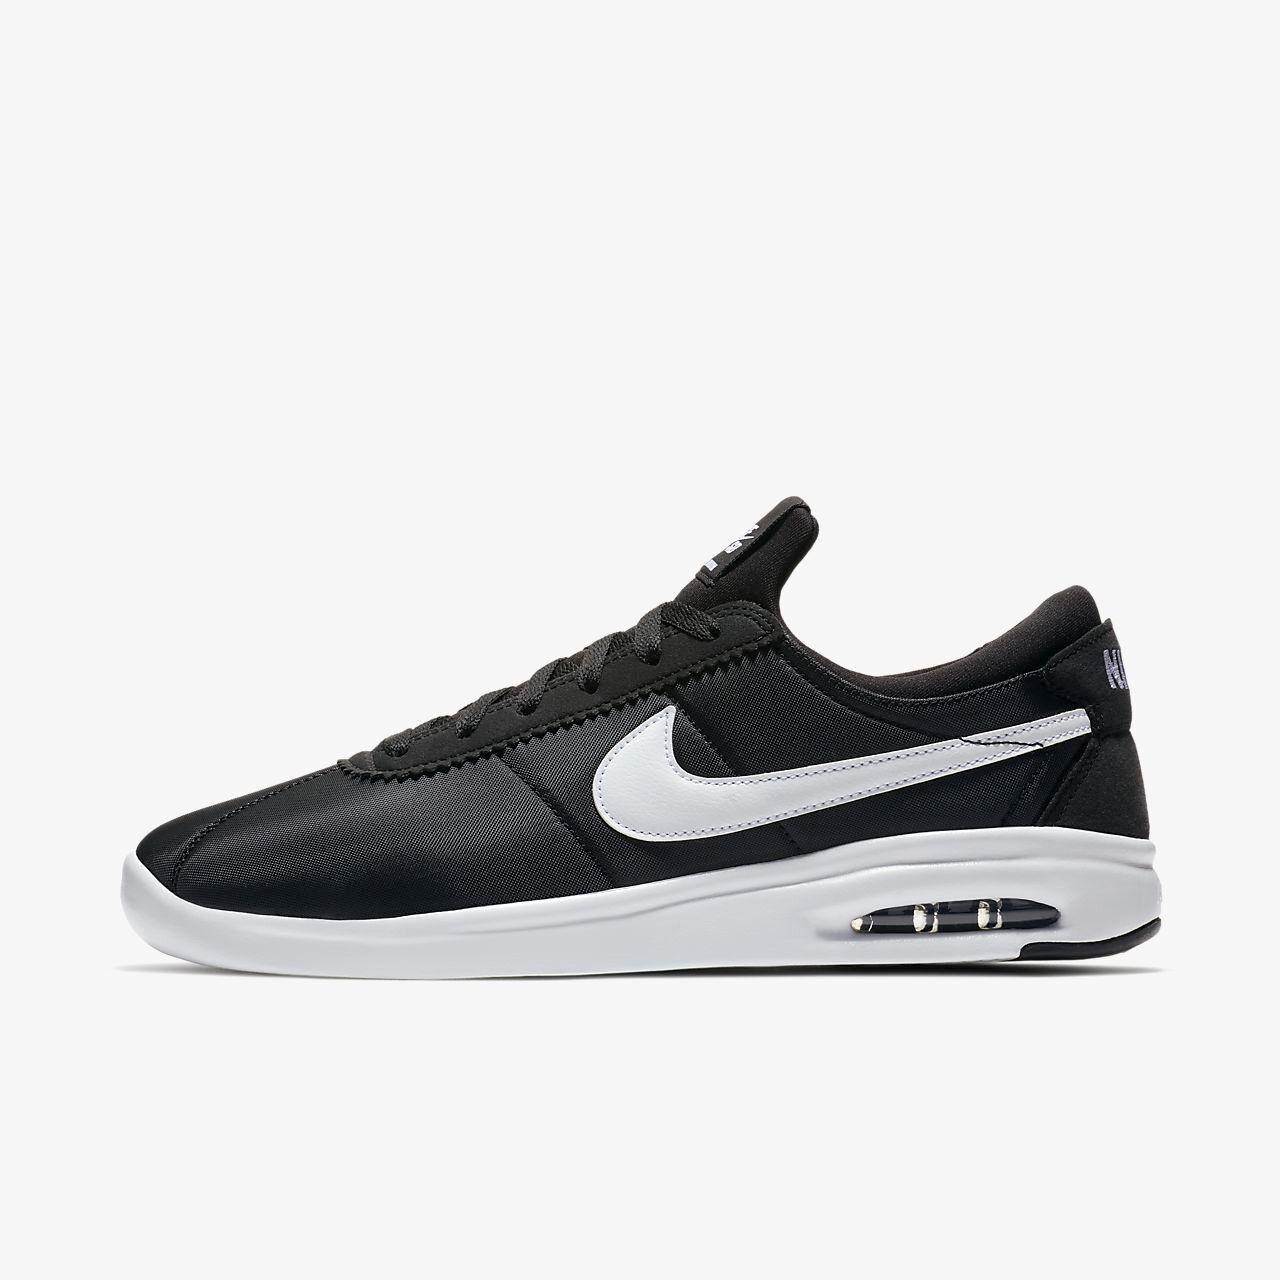 Nike air max 90 ultra se Uomo correndo trainer scarpa unito taglia candidatura